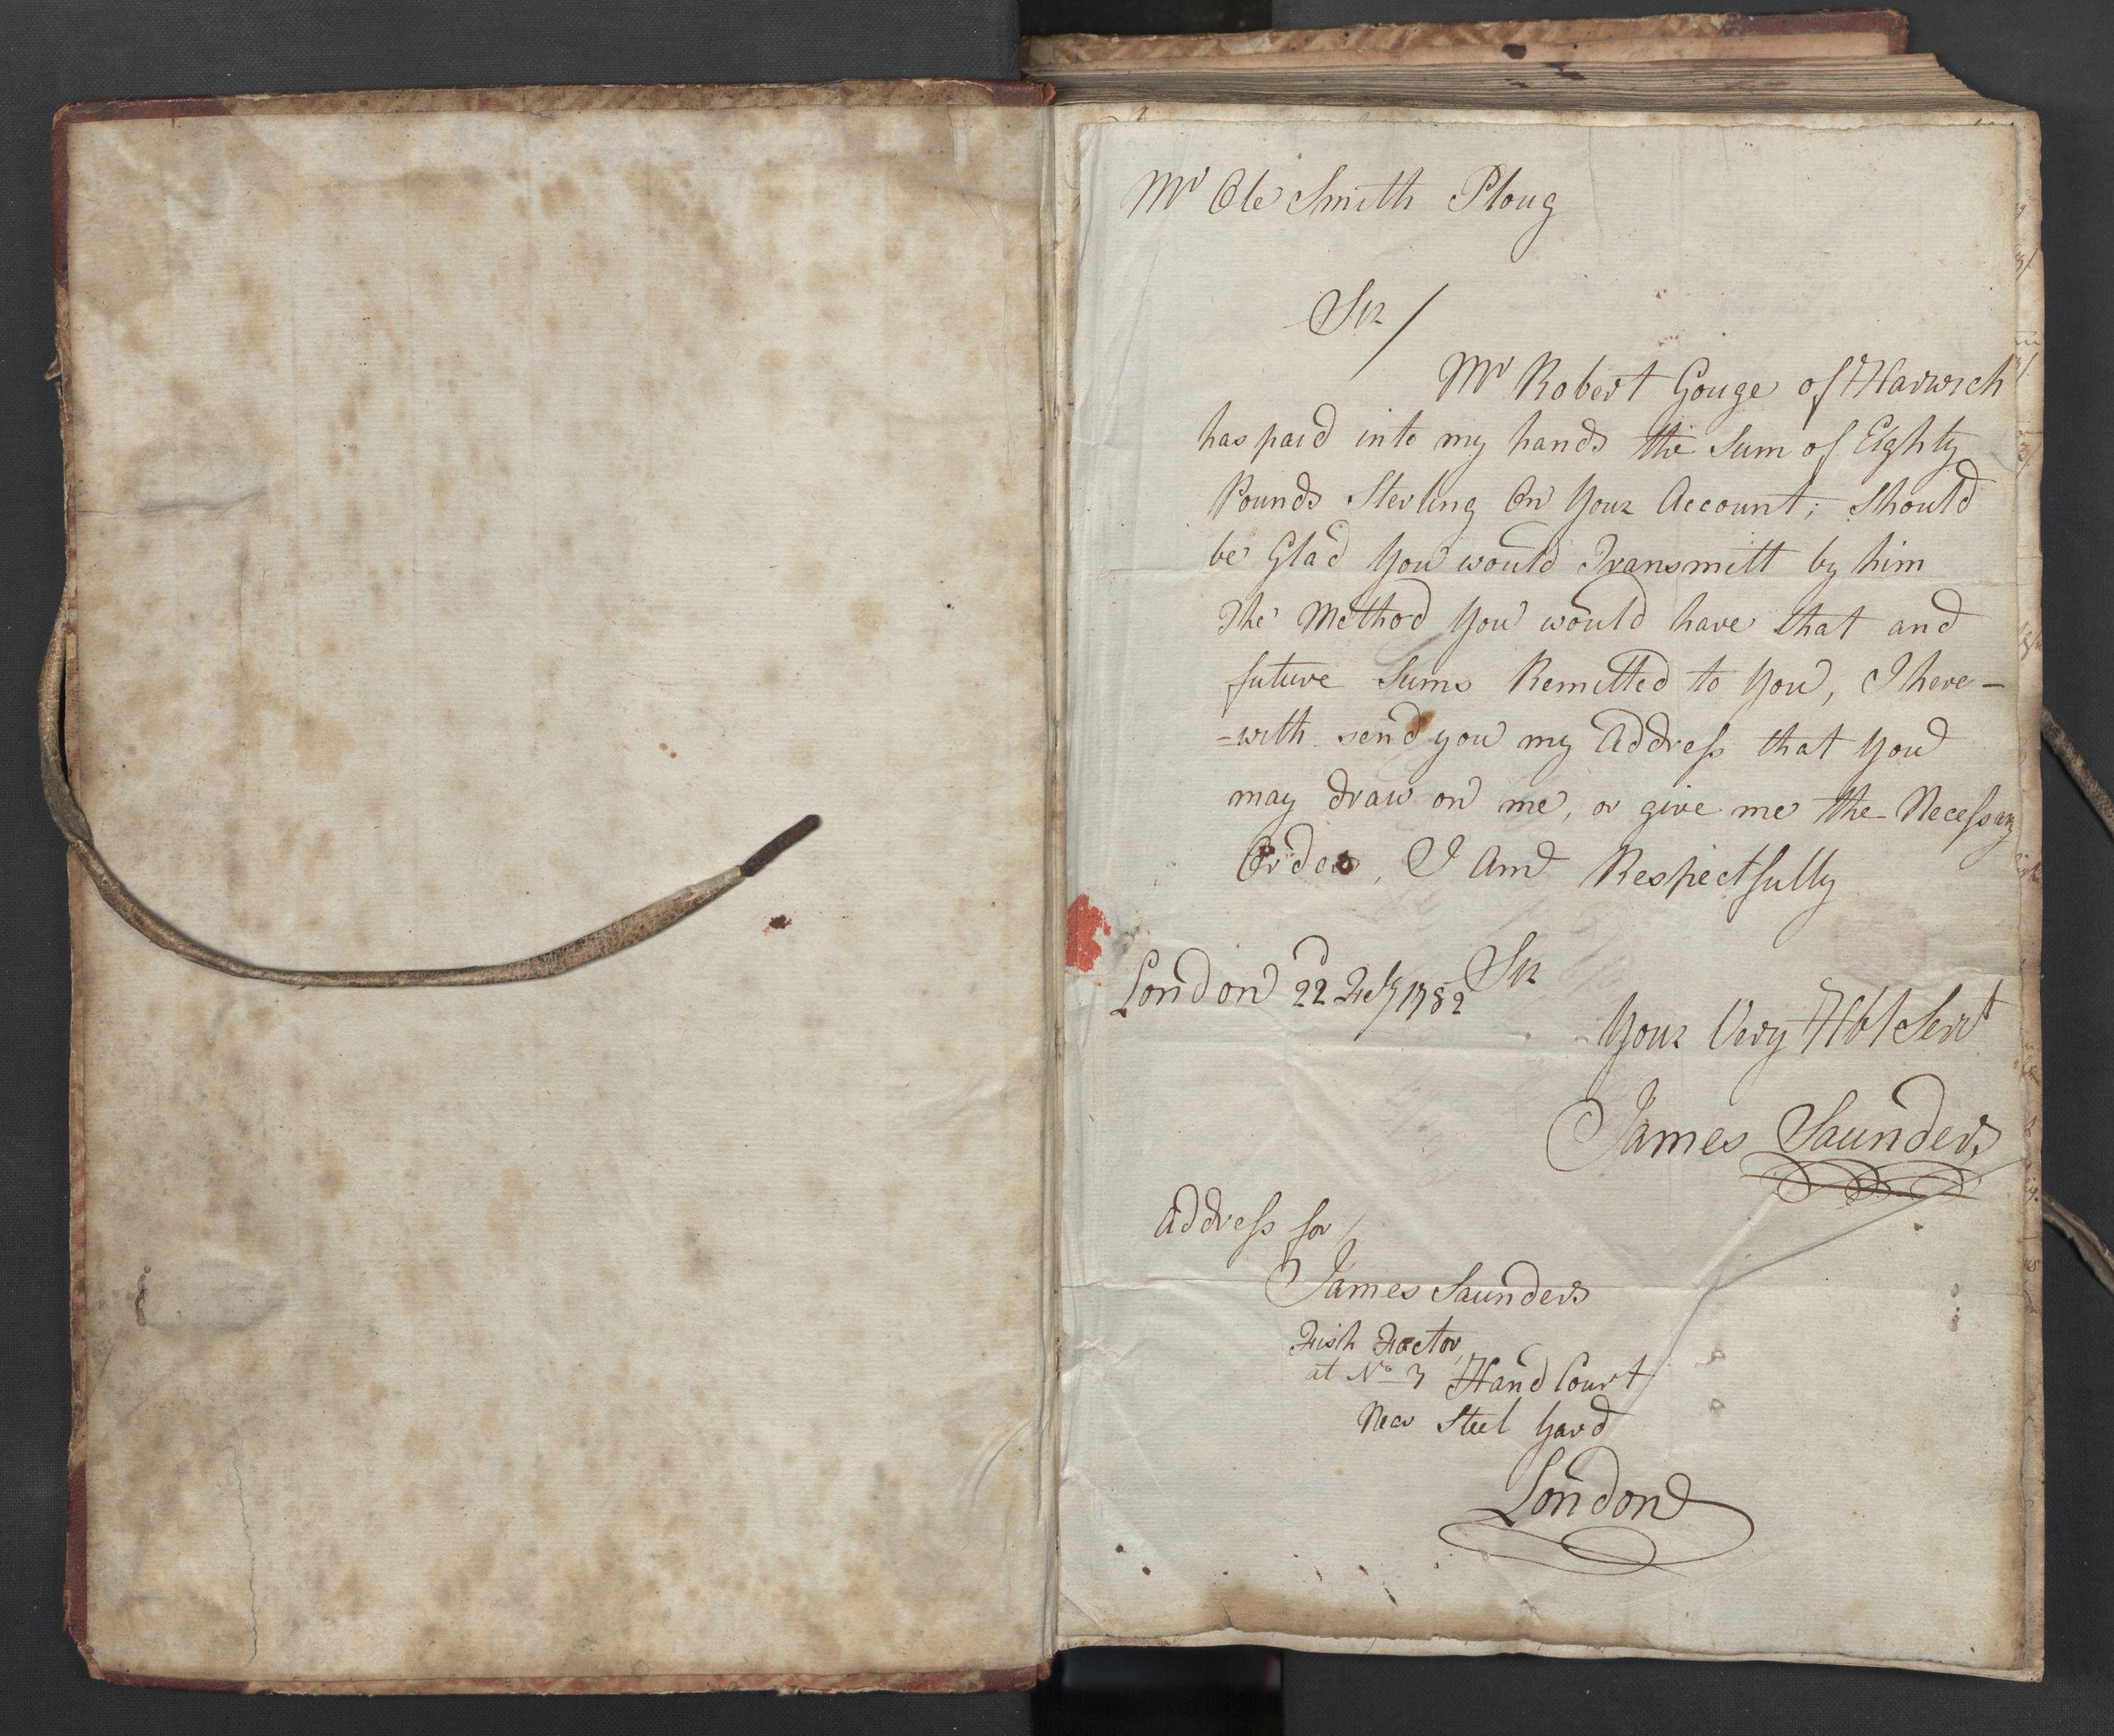 SAST, Pa 0003 - Ploug & Sundt, handelshuset, B/L0004: Kopibok, 1780-1784, s. upaginert